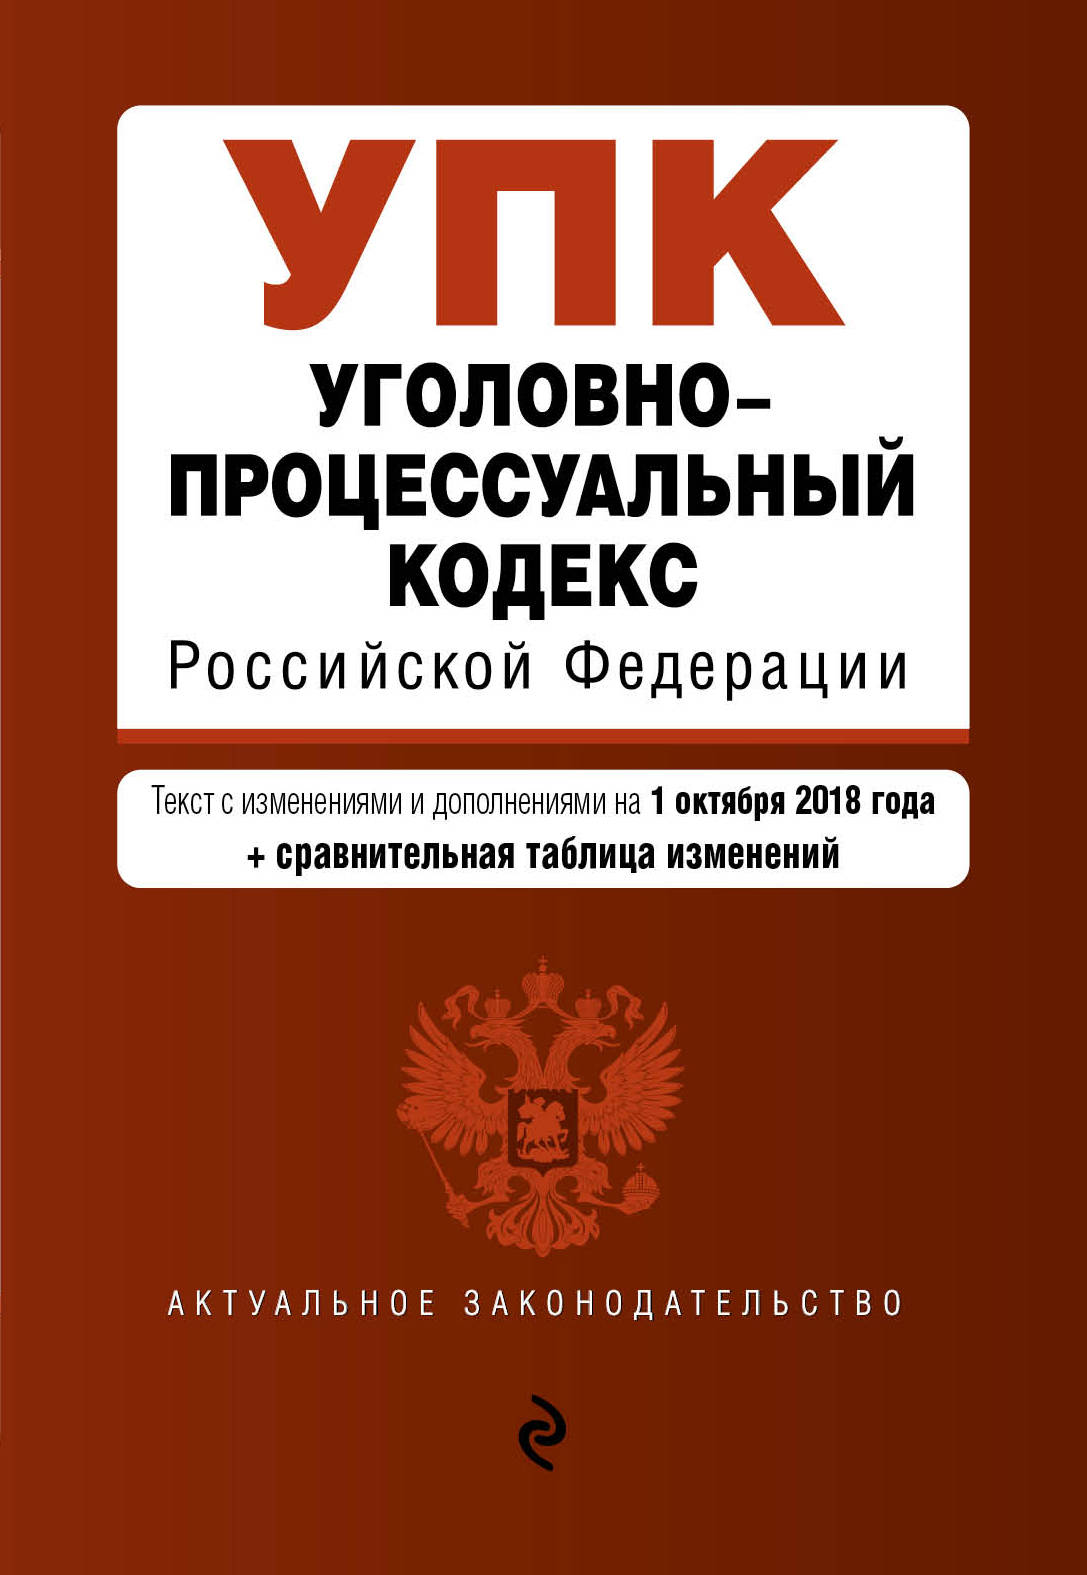 Уголовно-процессуальный кодекс Российской Федерации. Текст с изм. и доп. на 1 октября 2018 г. (+ сравнительная таблица изменений)